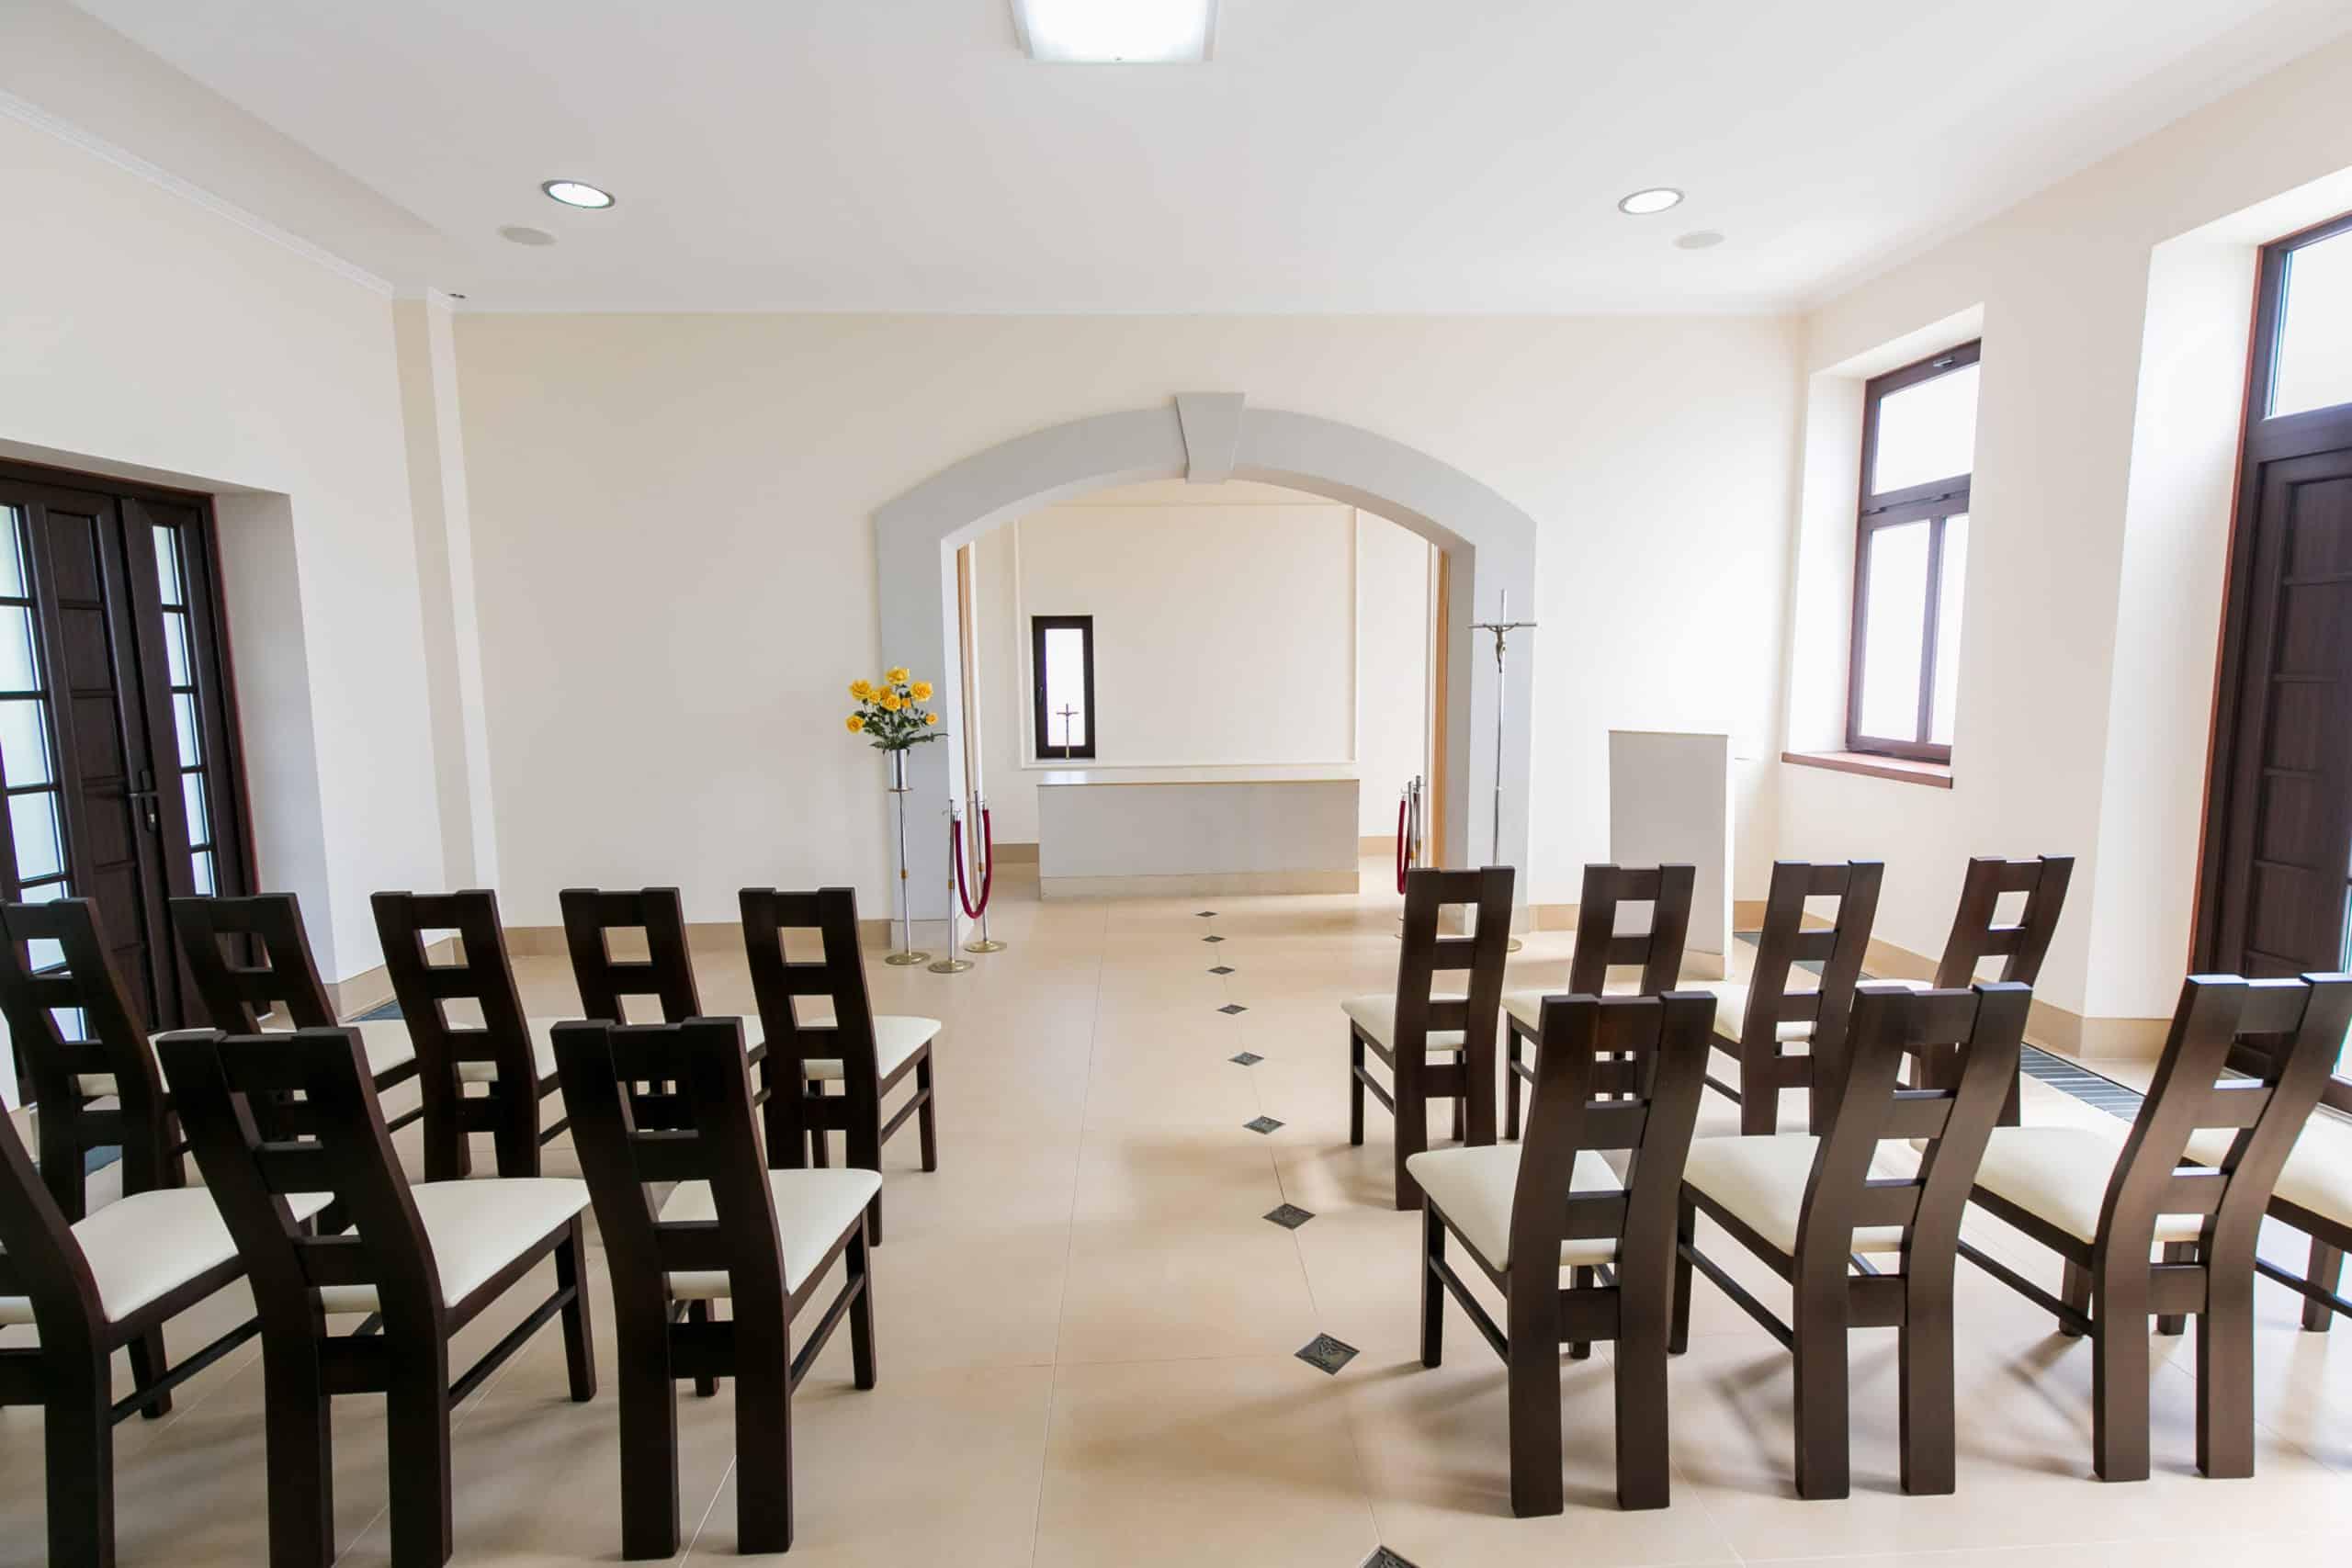 Kaplica Pożegnań Zakład Pogrzebowy Gójscy